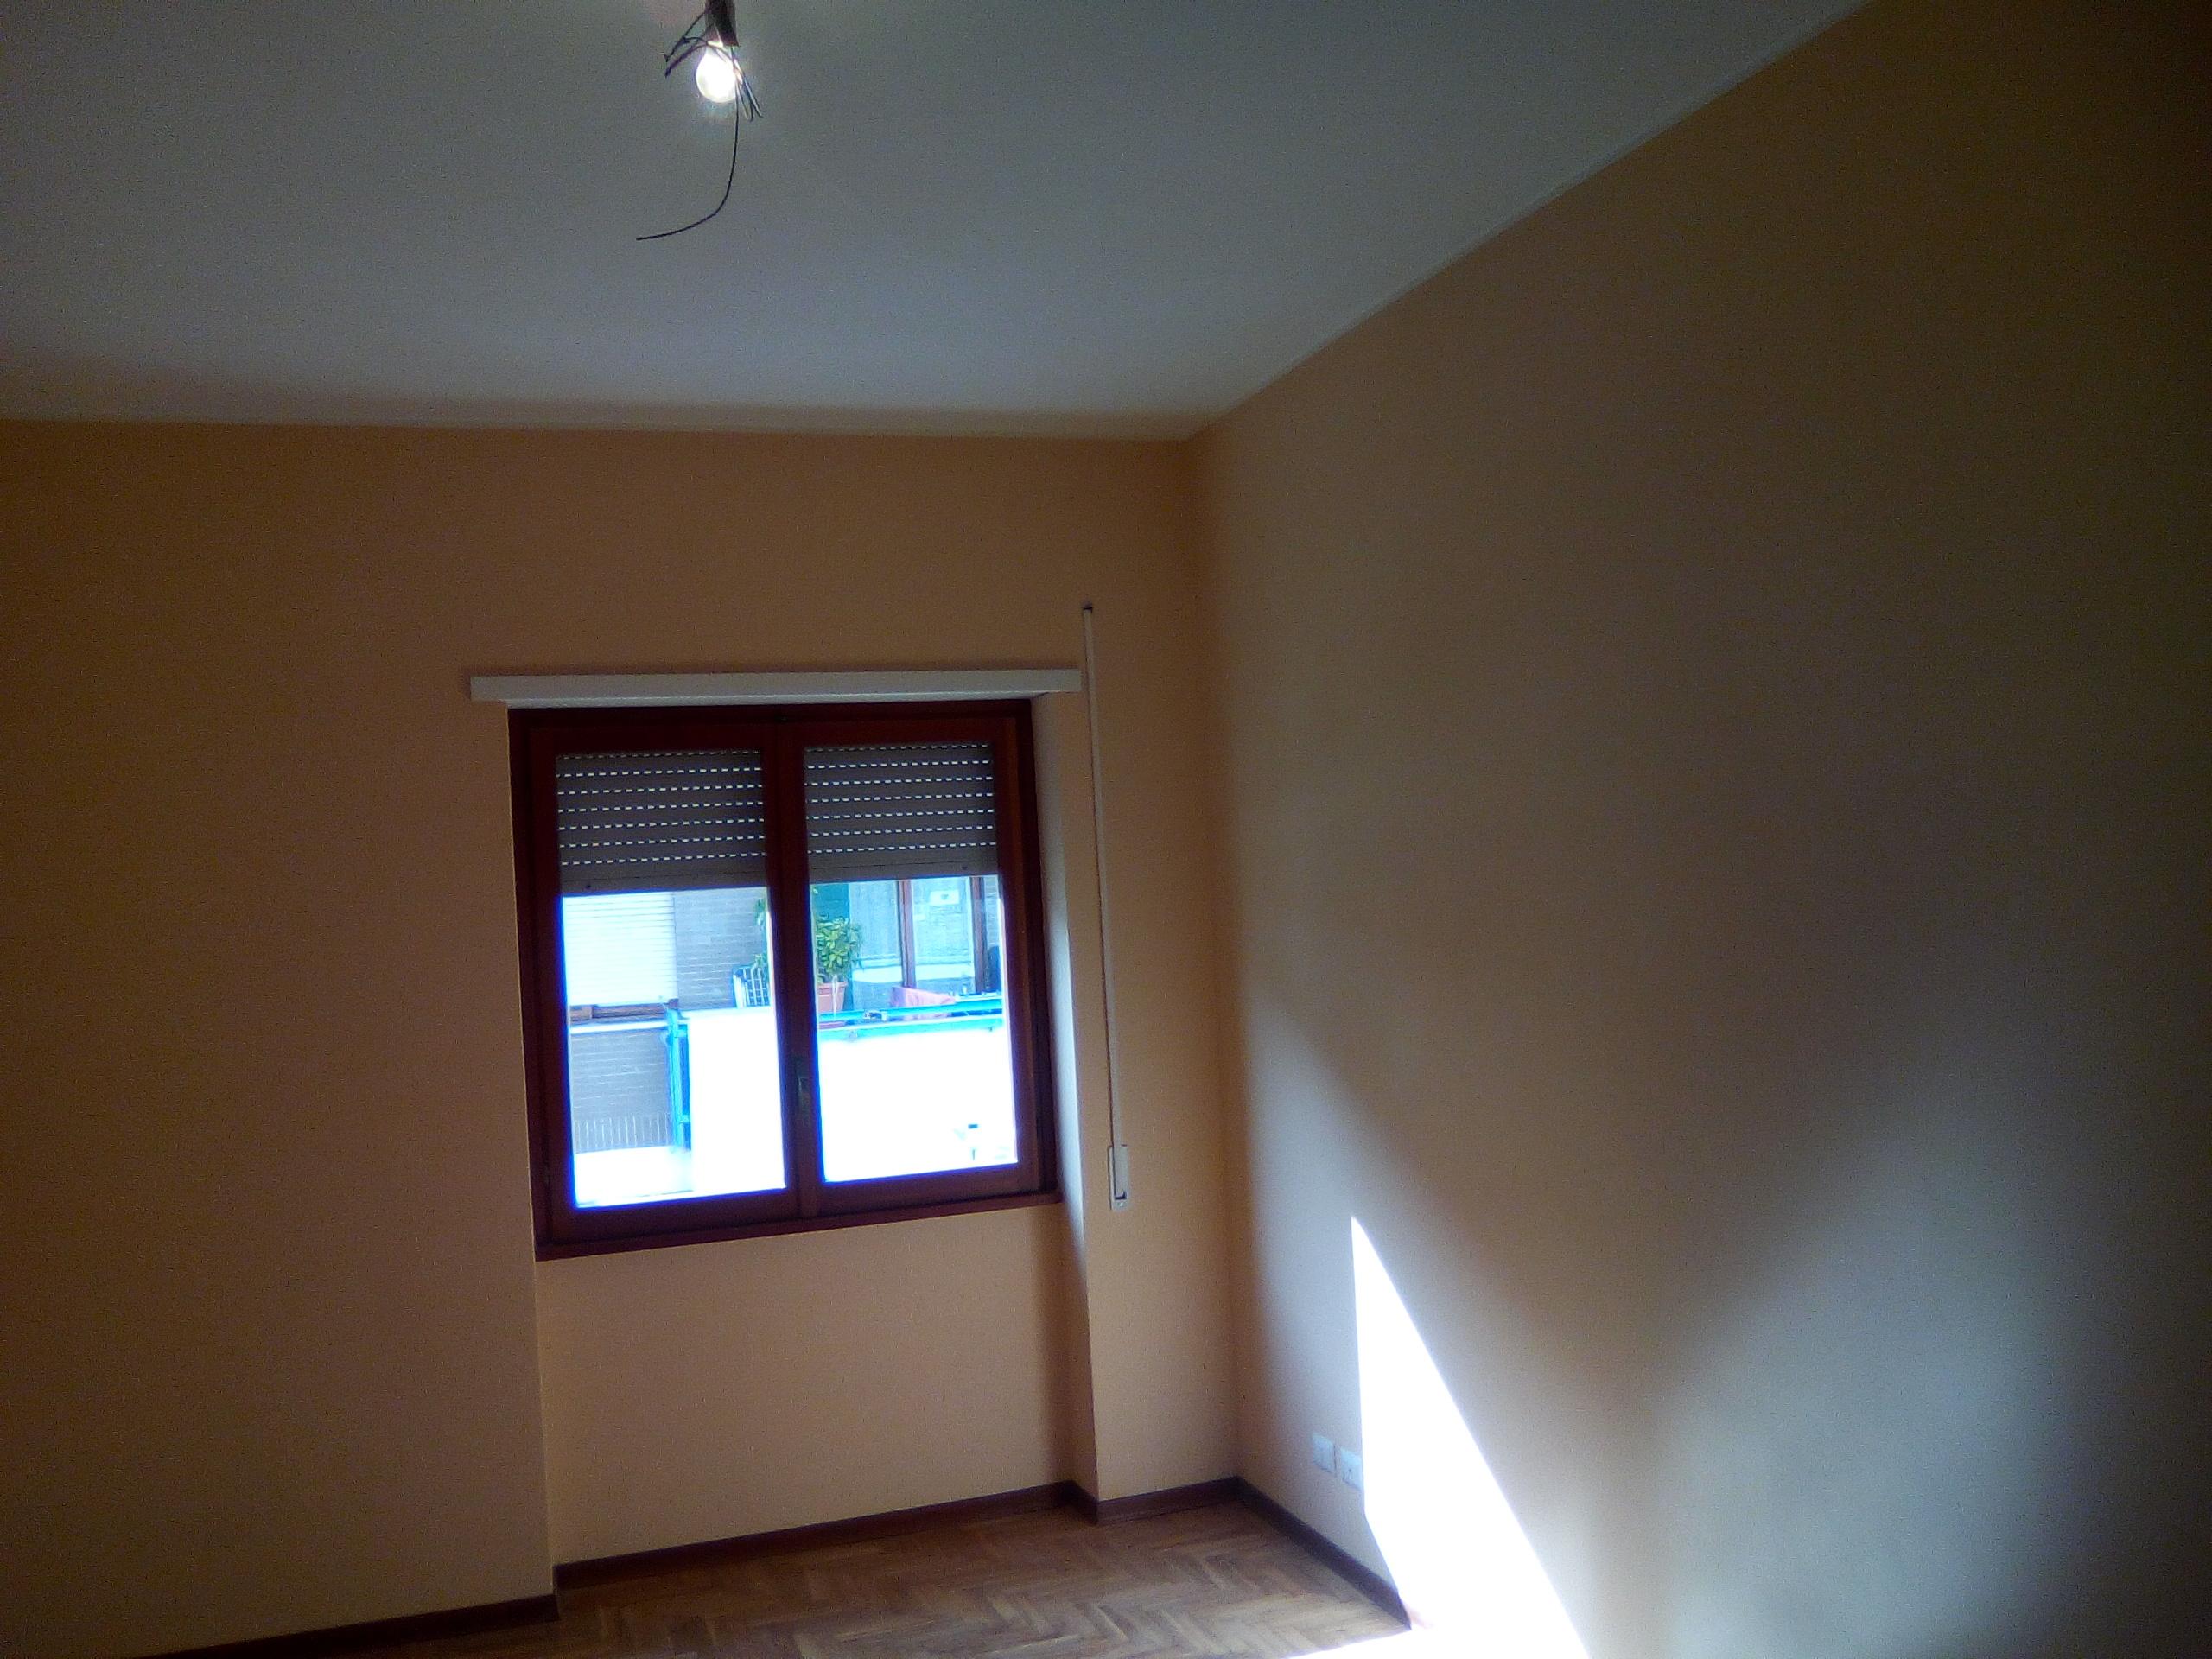 Prezzi per ristrutturare appartamento a Roma mq